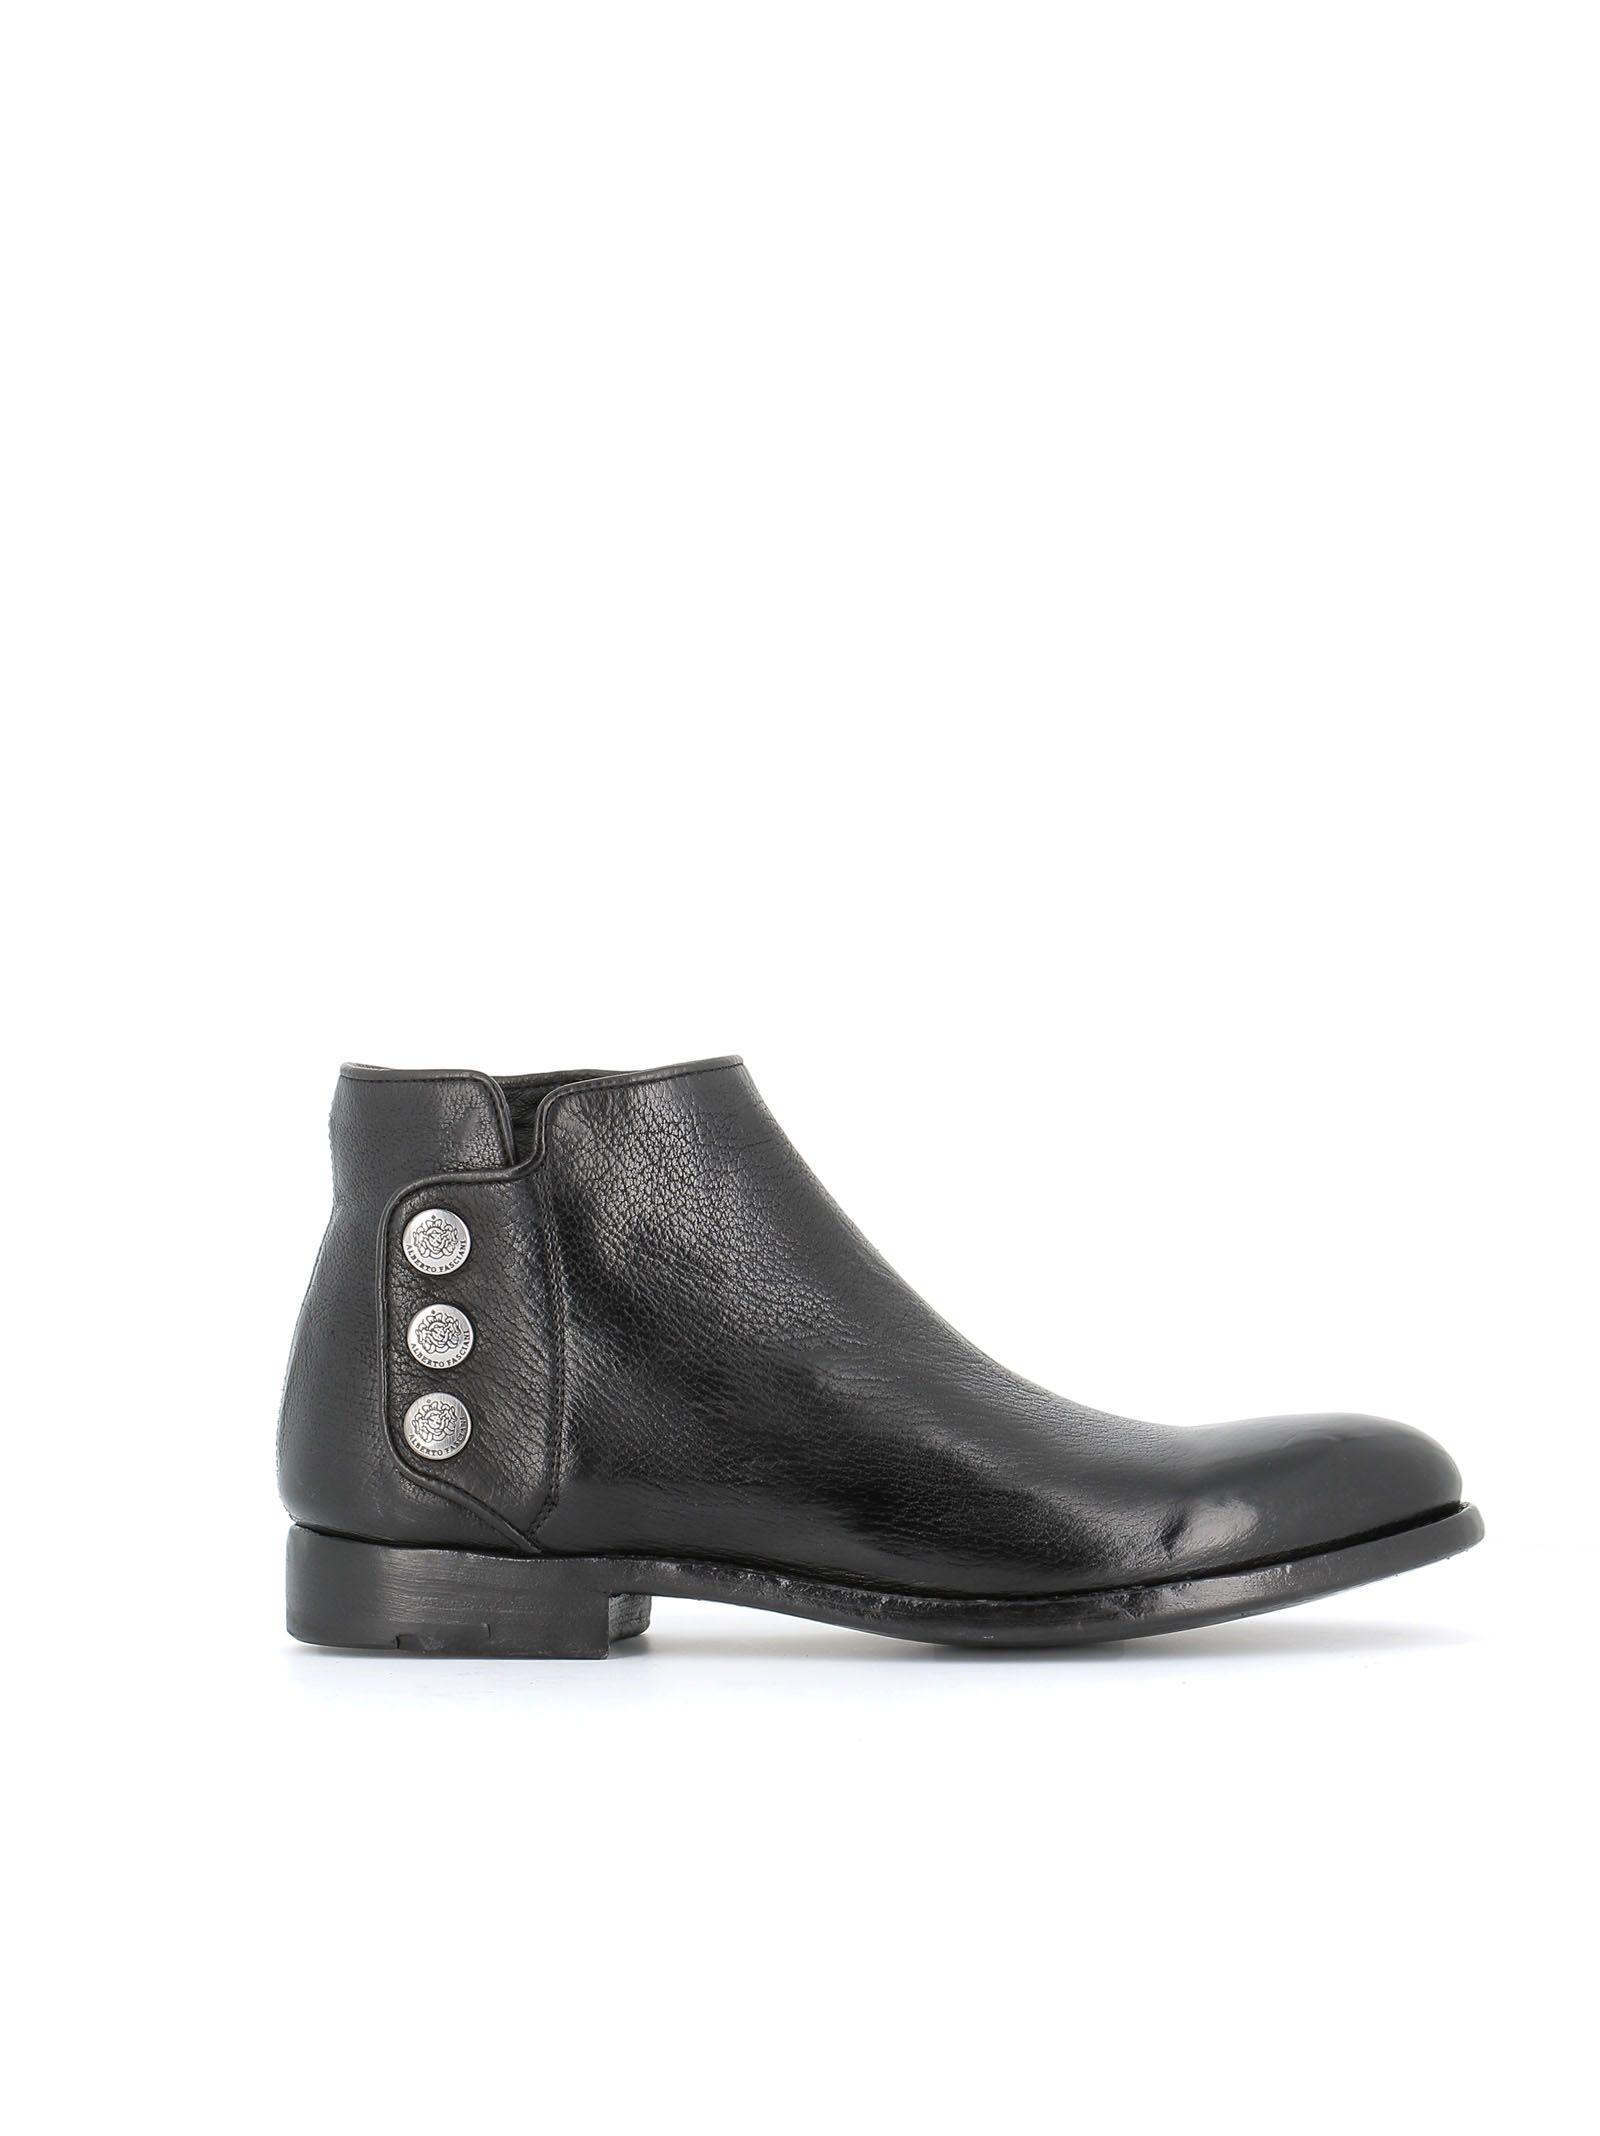 Alberto Fasciani Perla Boots In Black